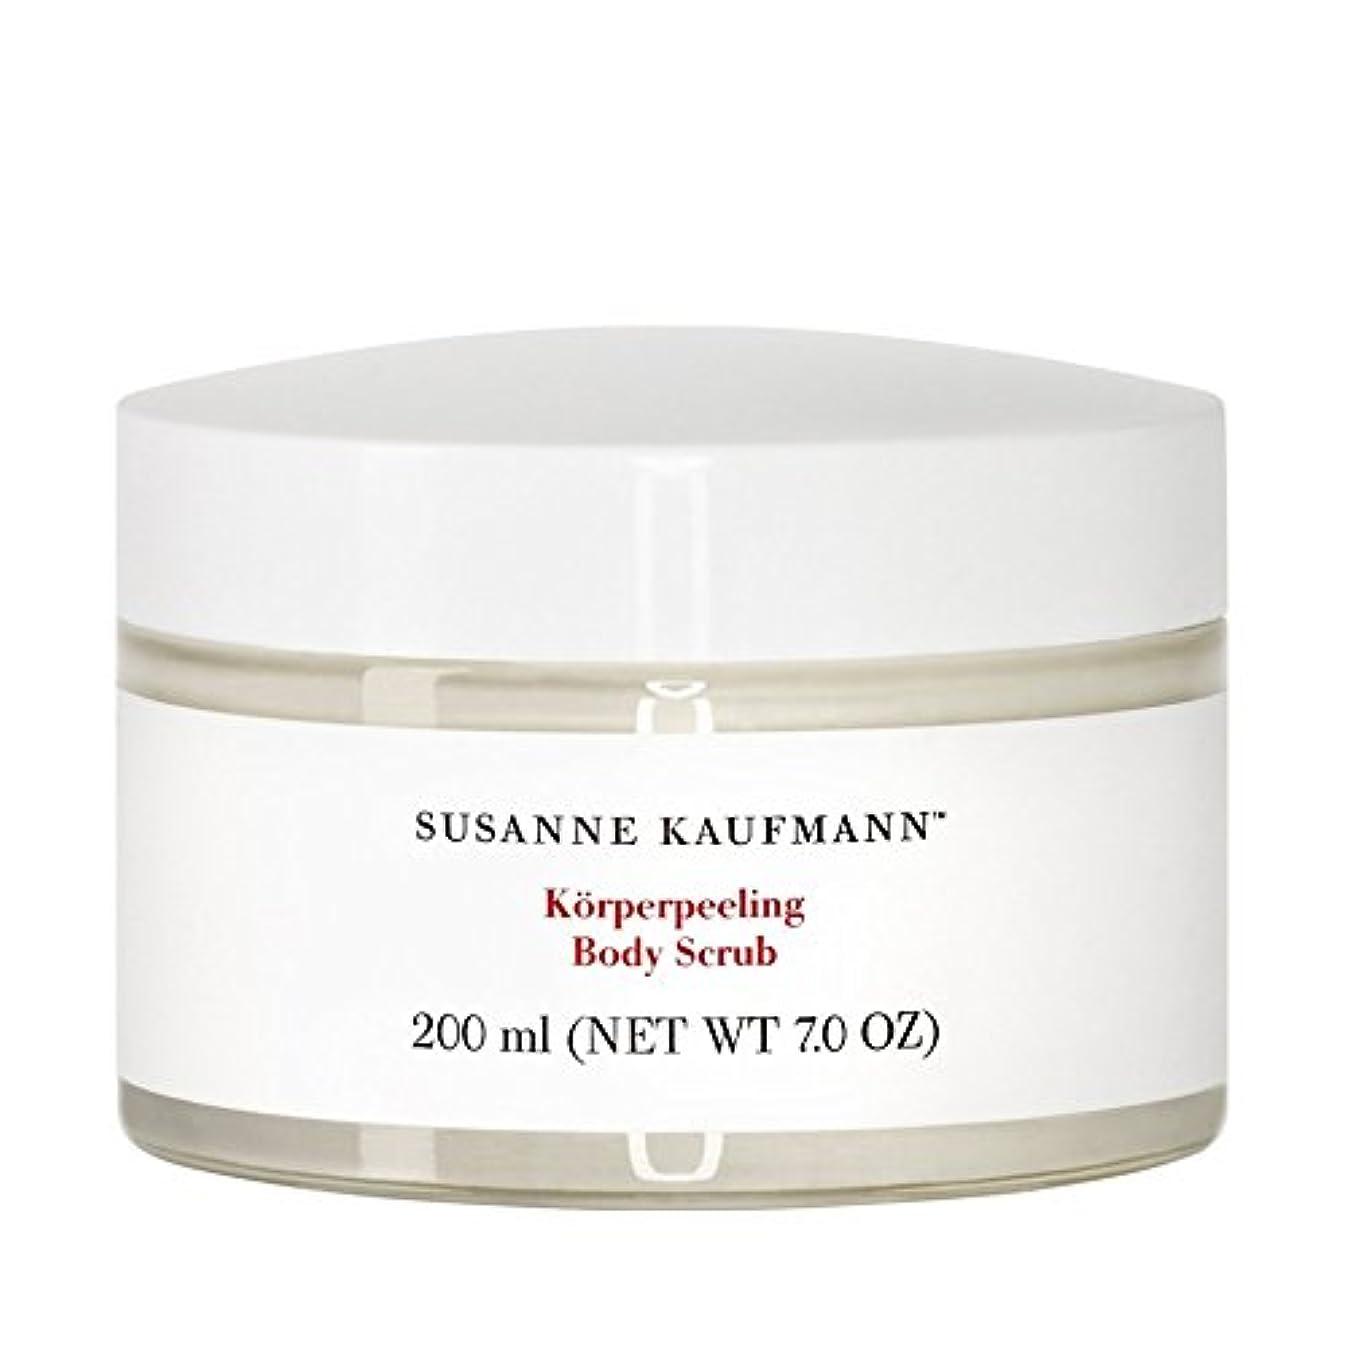 Susanne Kaufmann Body Scrub 200ml - スザンヌカウフマンボディスクラブ200ミリリットル [並行輸入品]